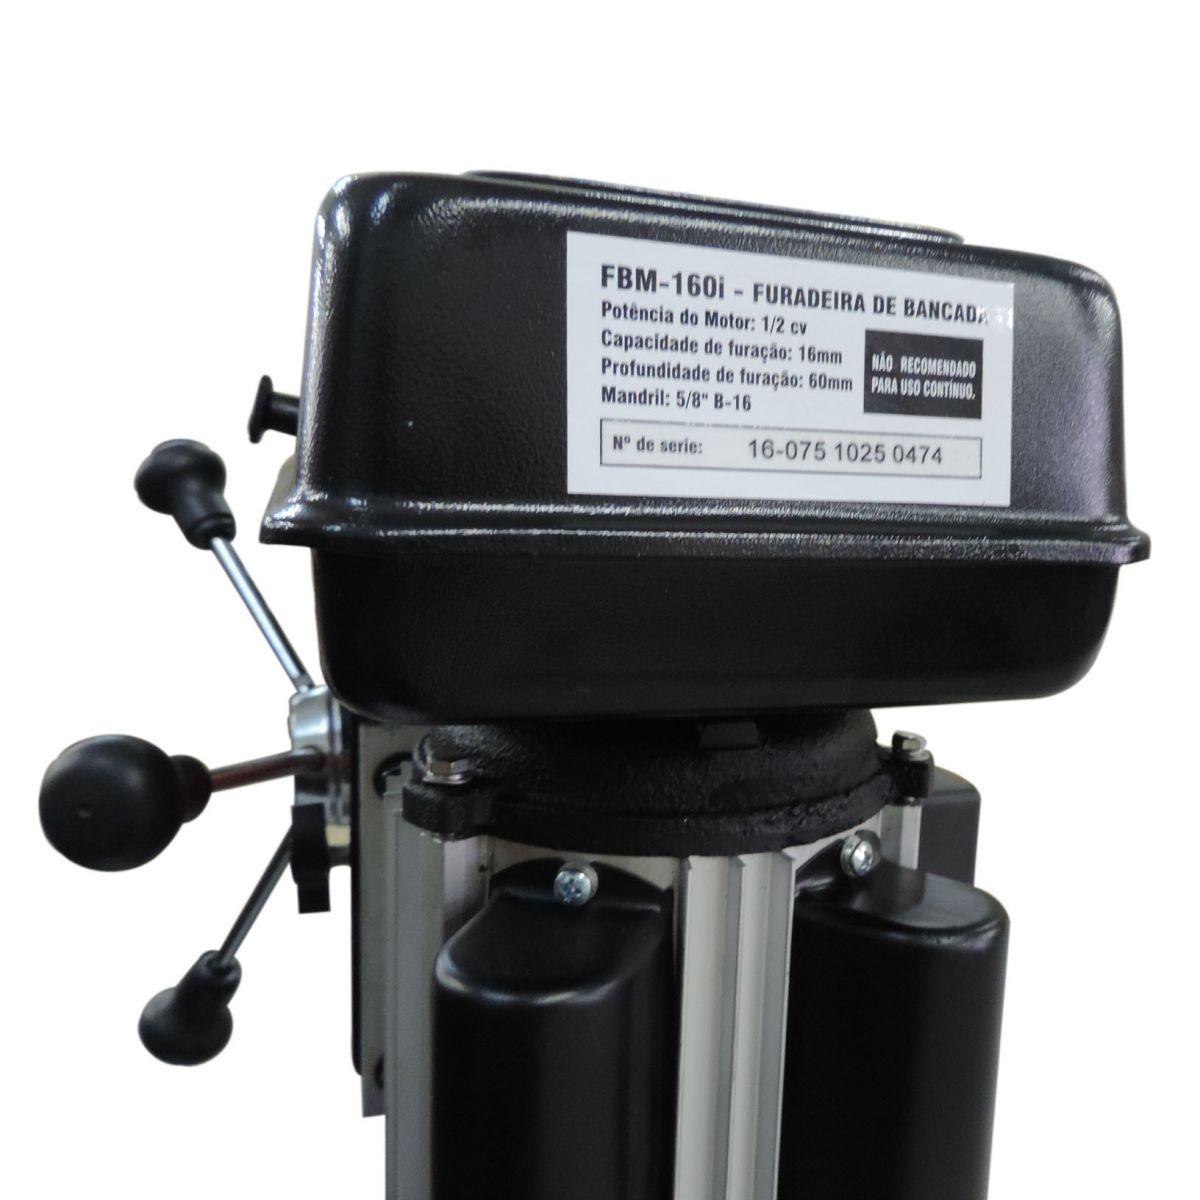 Furadeira De Bancada 1/2hp - Fbm-160i - Motomil